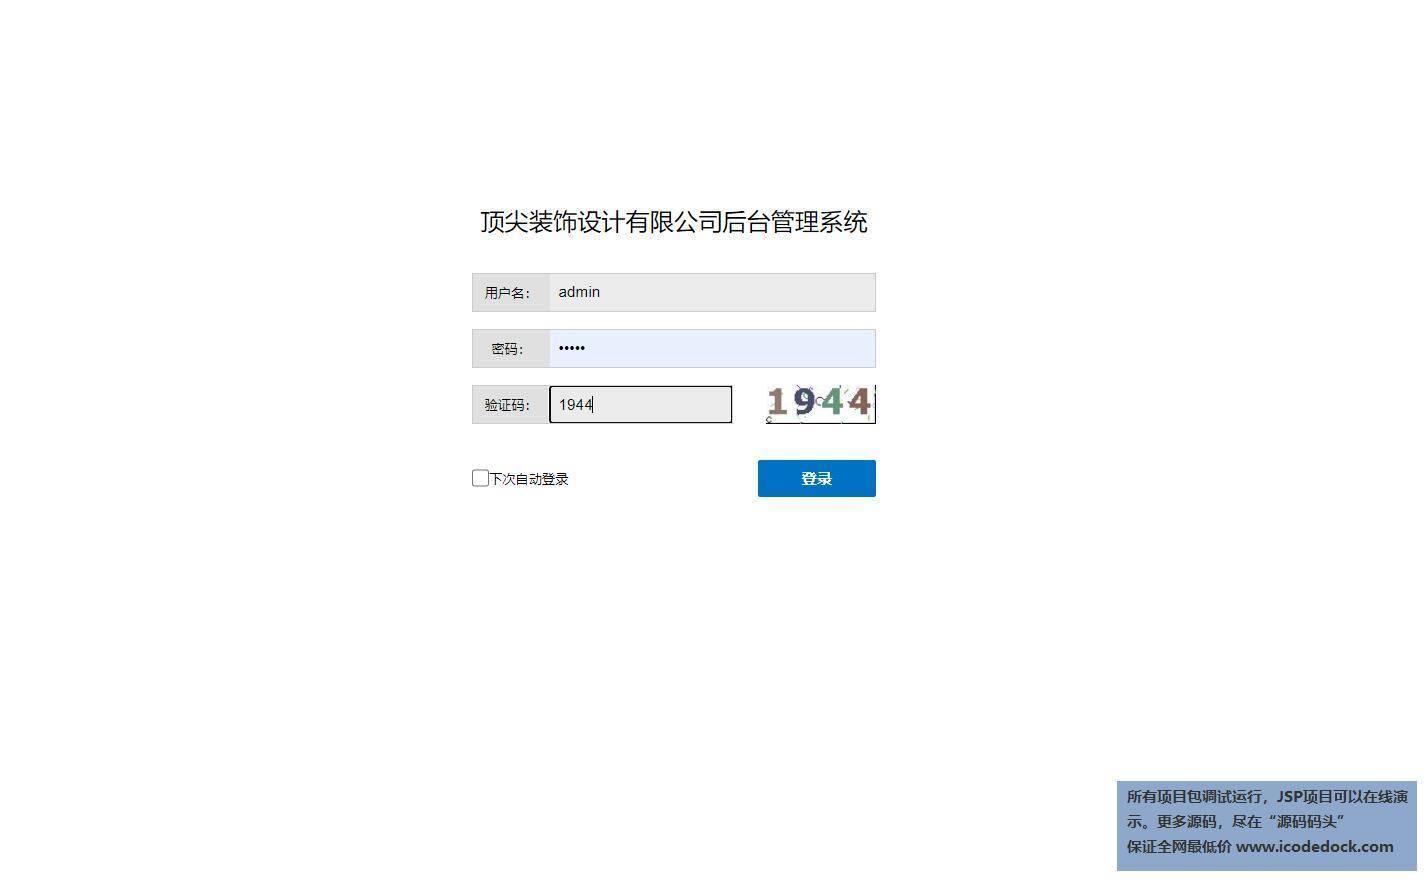 源码码头-SSM企业门户网站-管理员角色-管理员登录